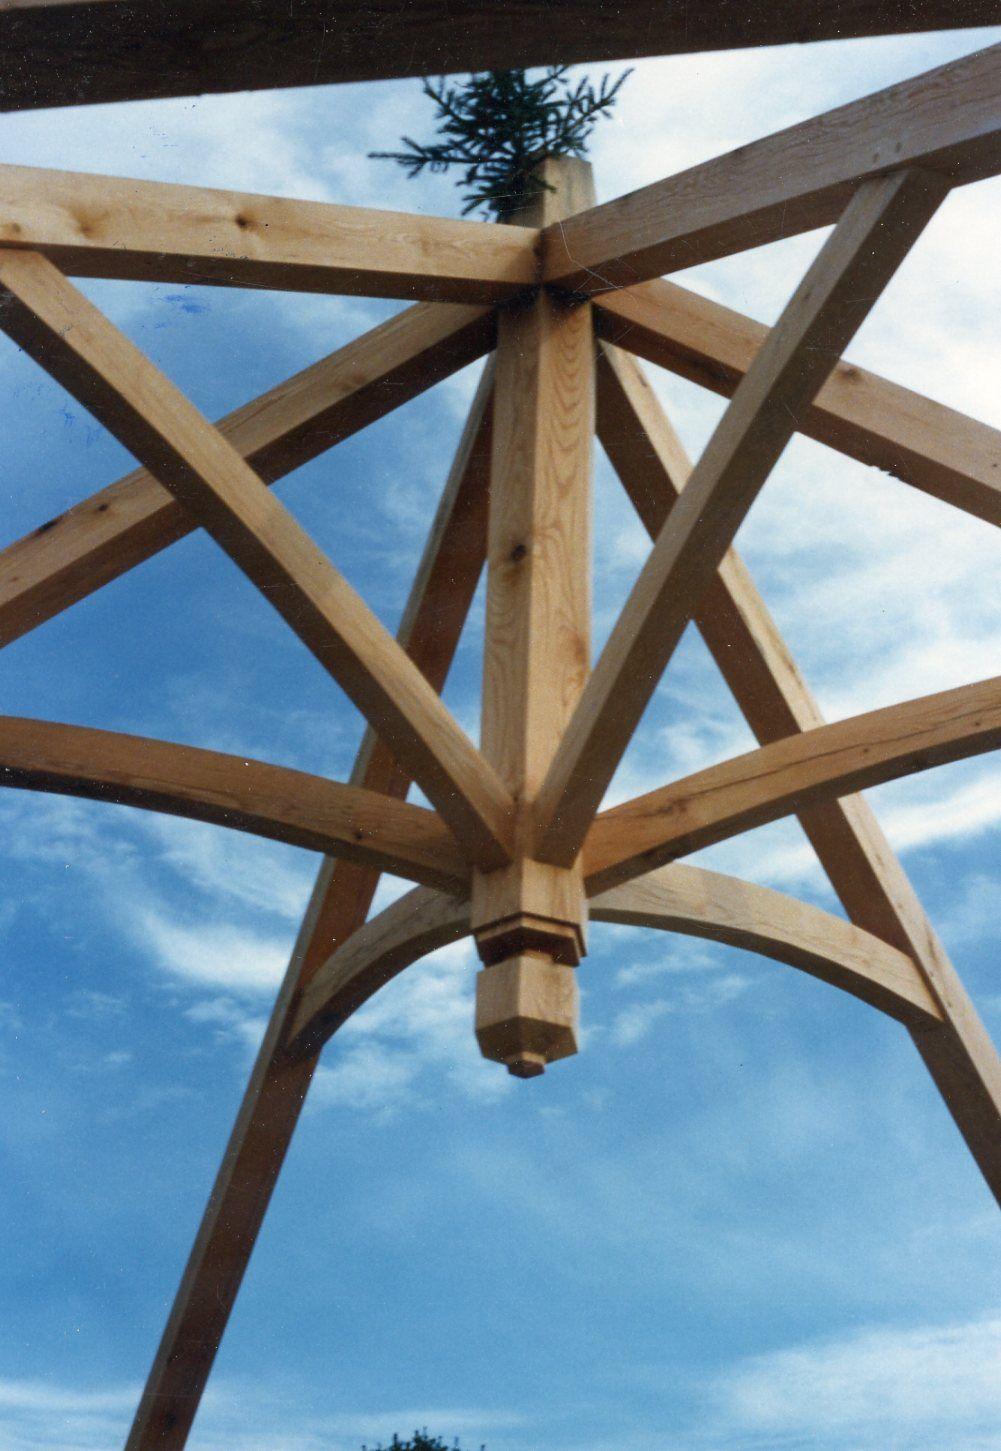 Umbrella Truss For A Timber Frame Gazebo Timber Frame Joinery Timber Framing Roof Truss Design